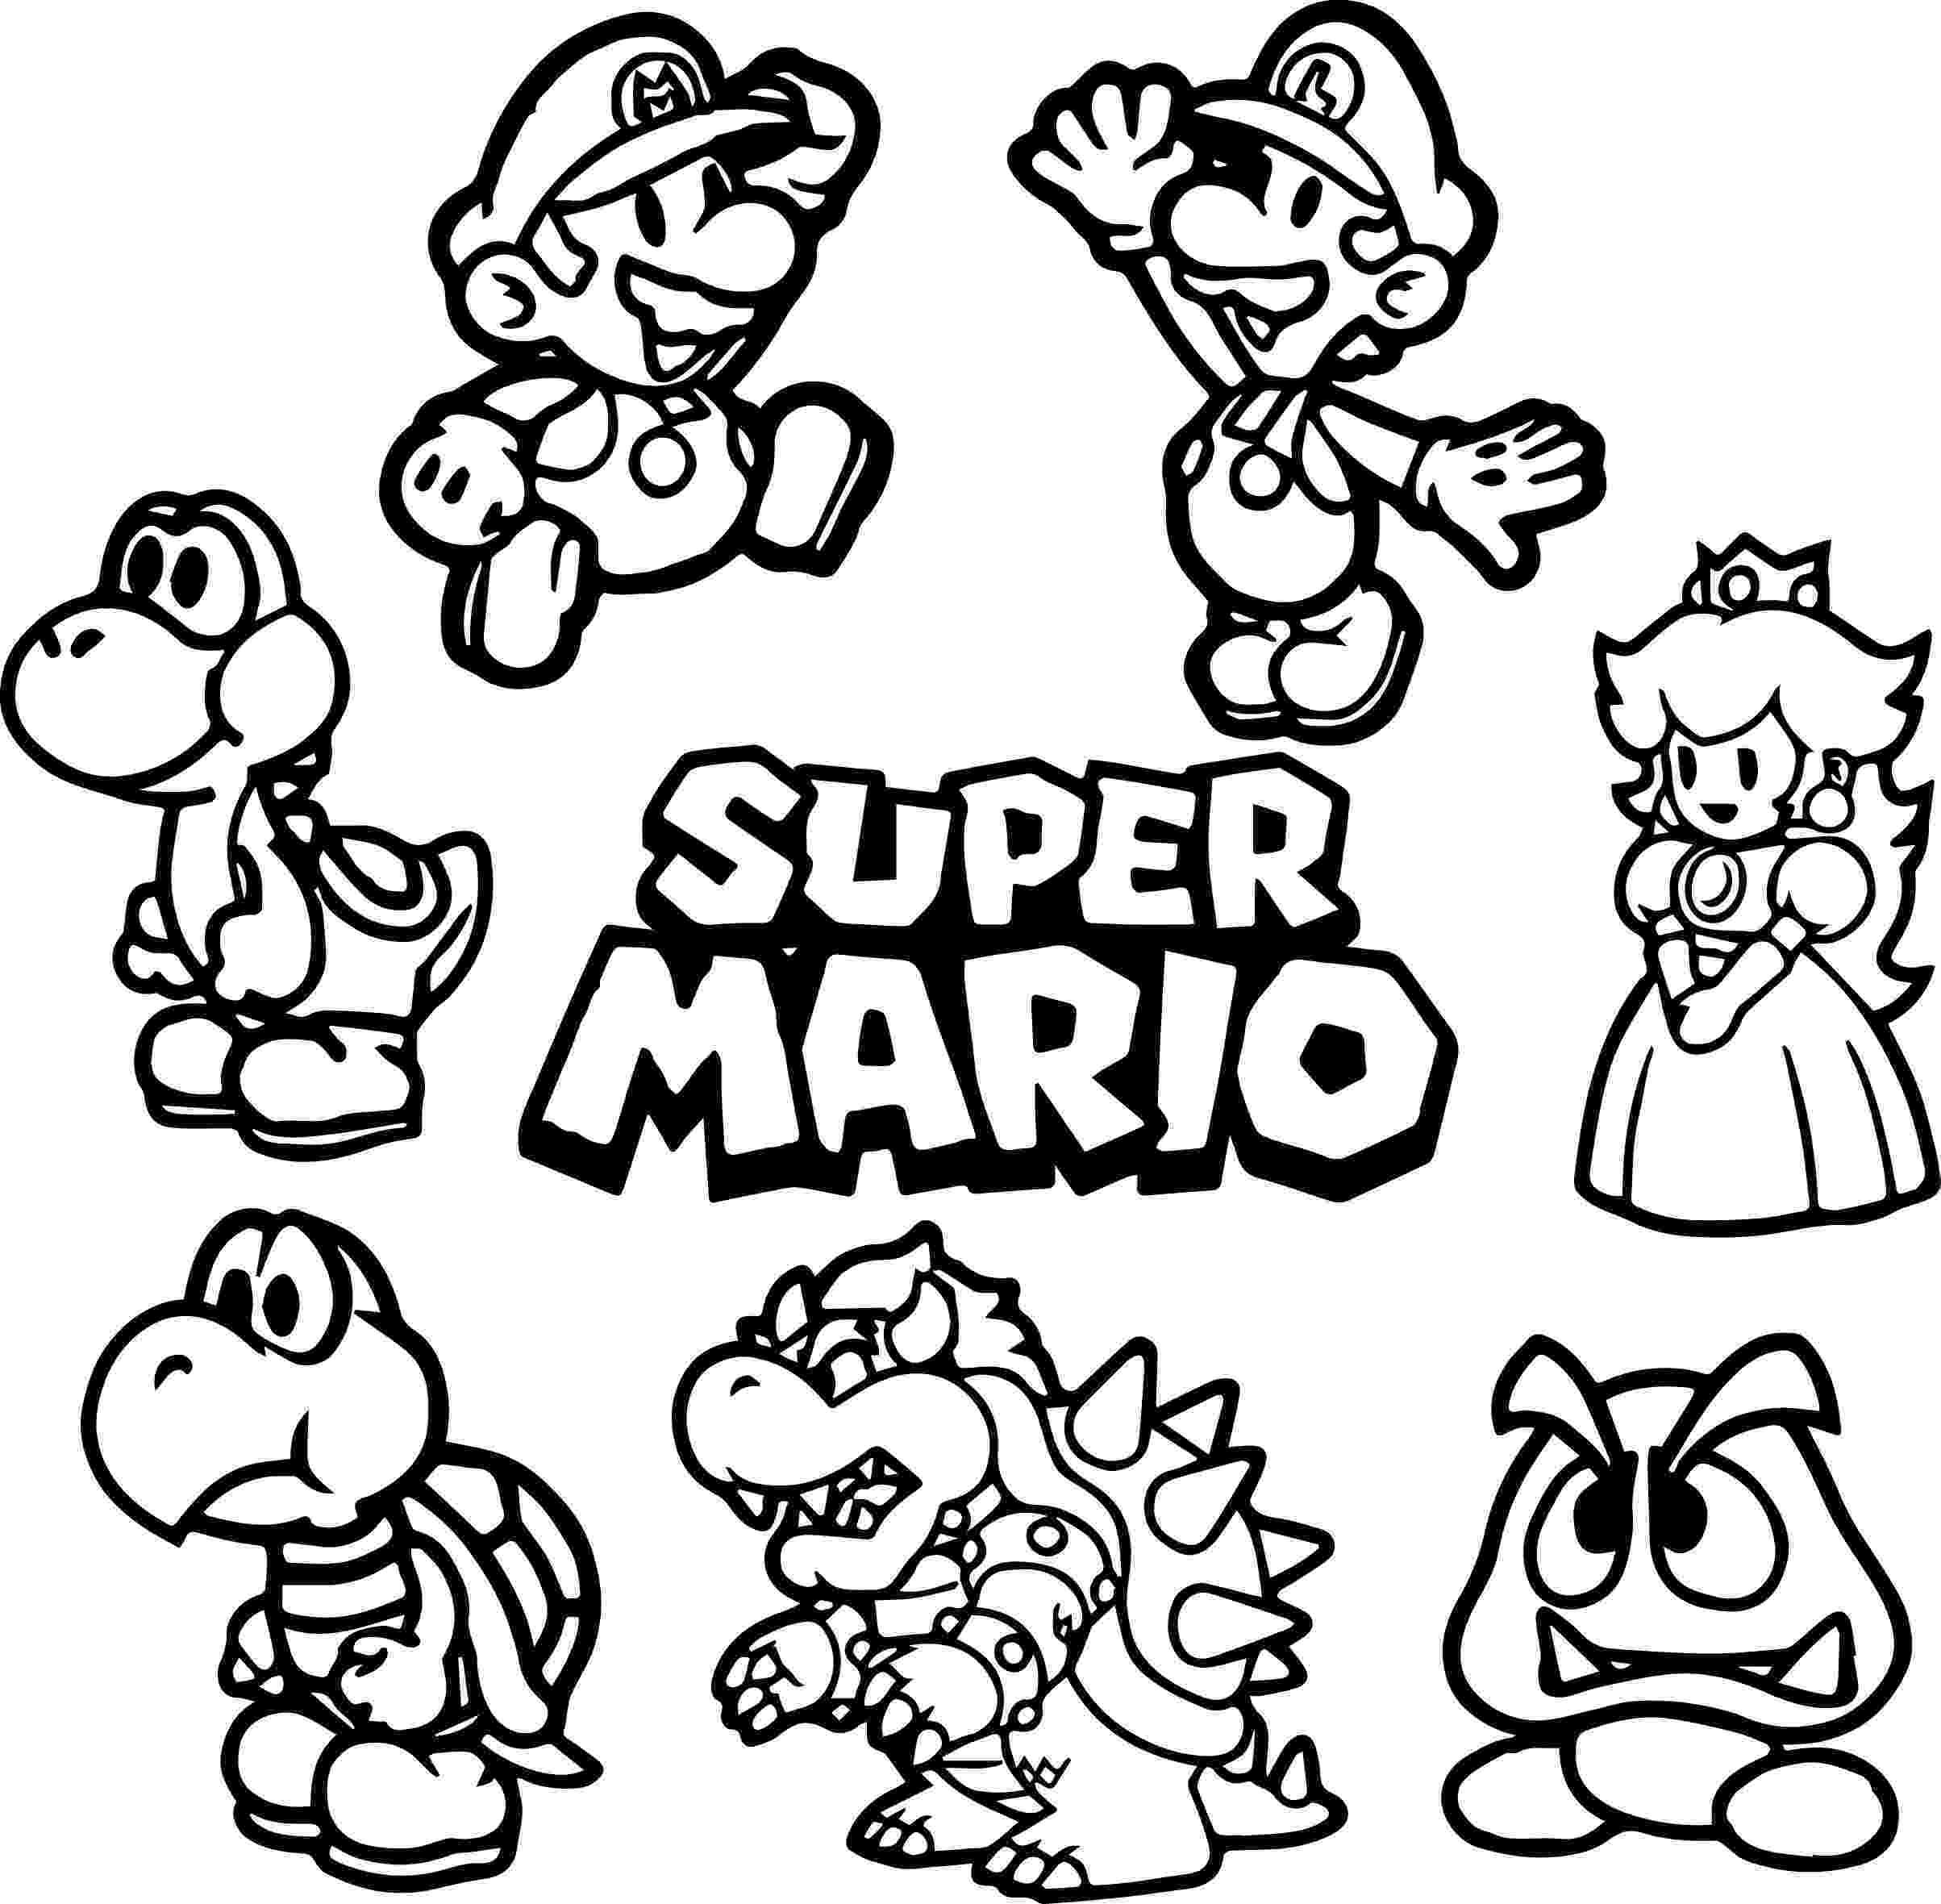 super mario bros coloring unique super mario brothers wii coloring pages top free mario coloring bros super